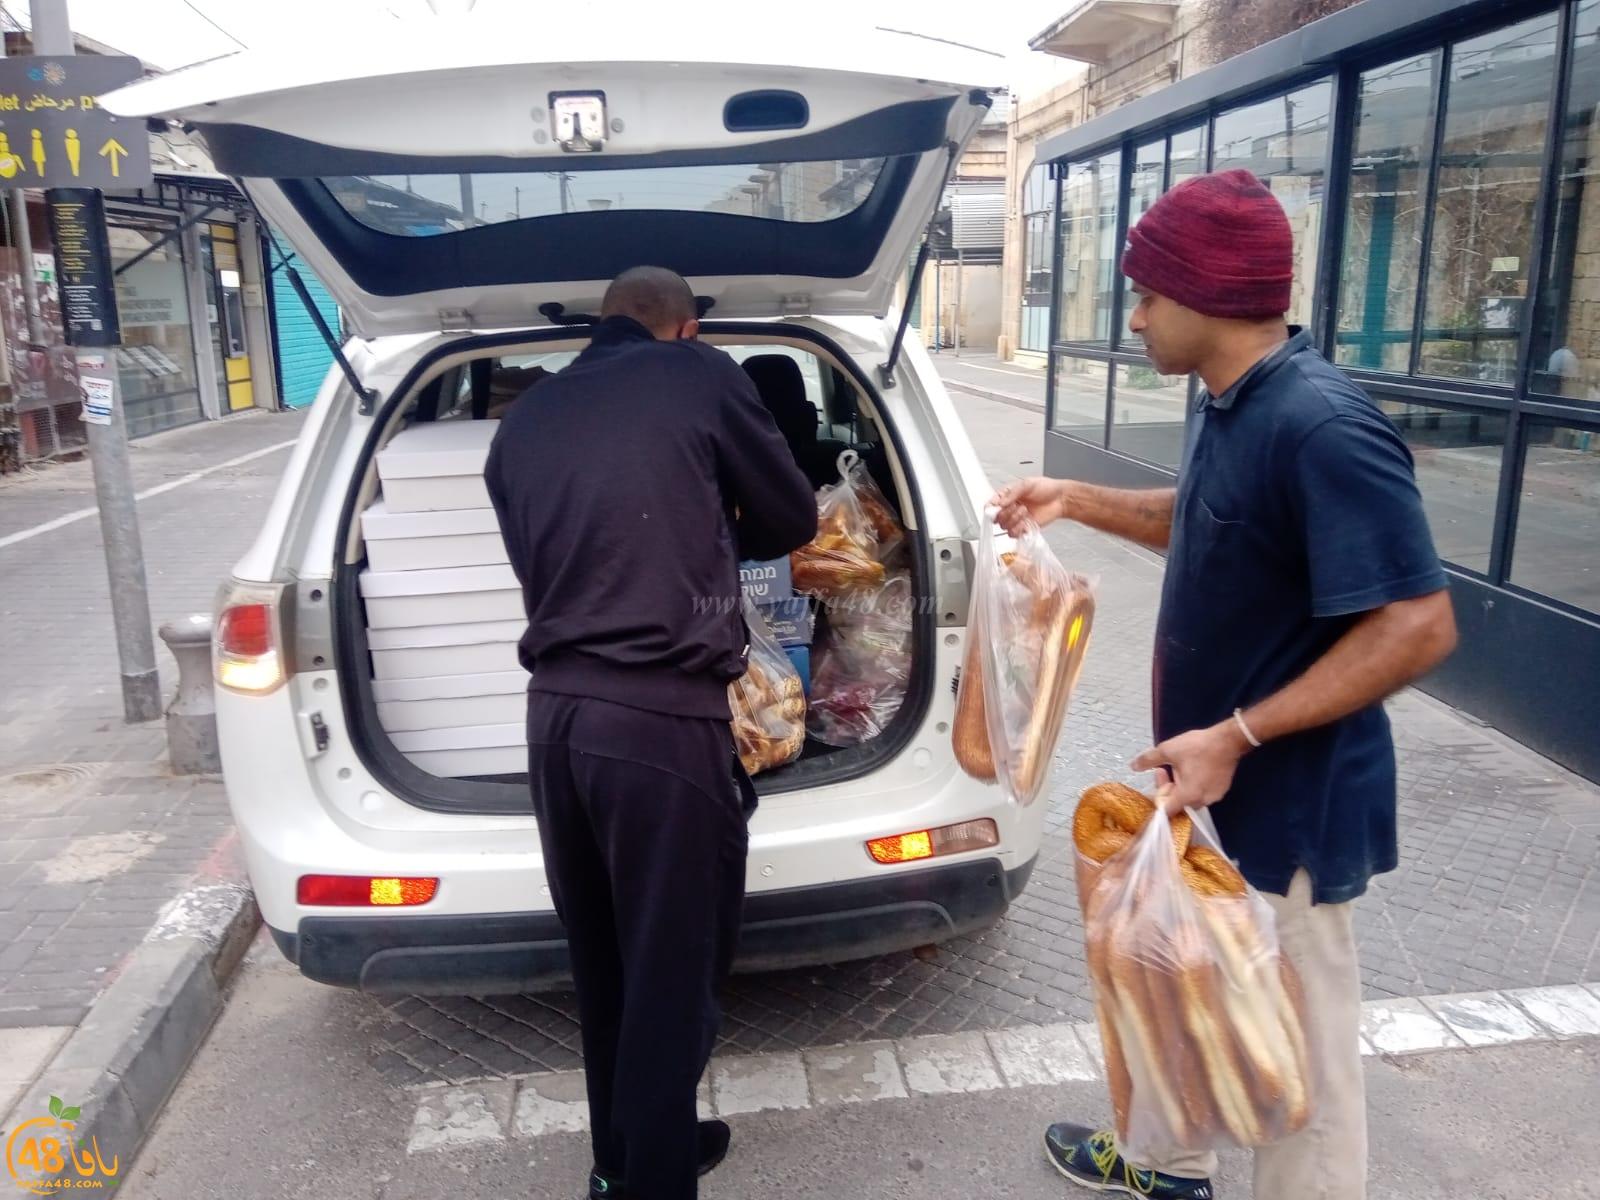 مجموعة عطاء بلا حدود تُوزع وجبات غذائية على العائلات المستورة